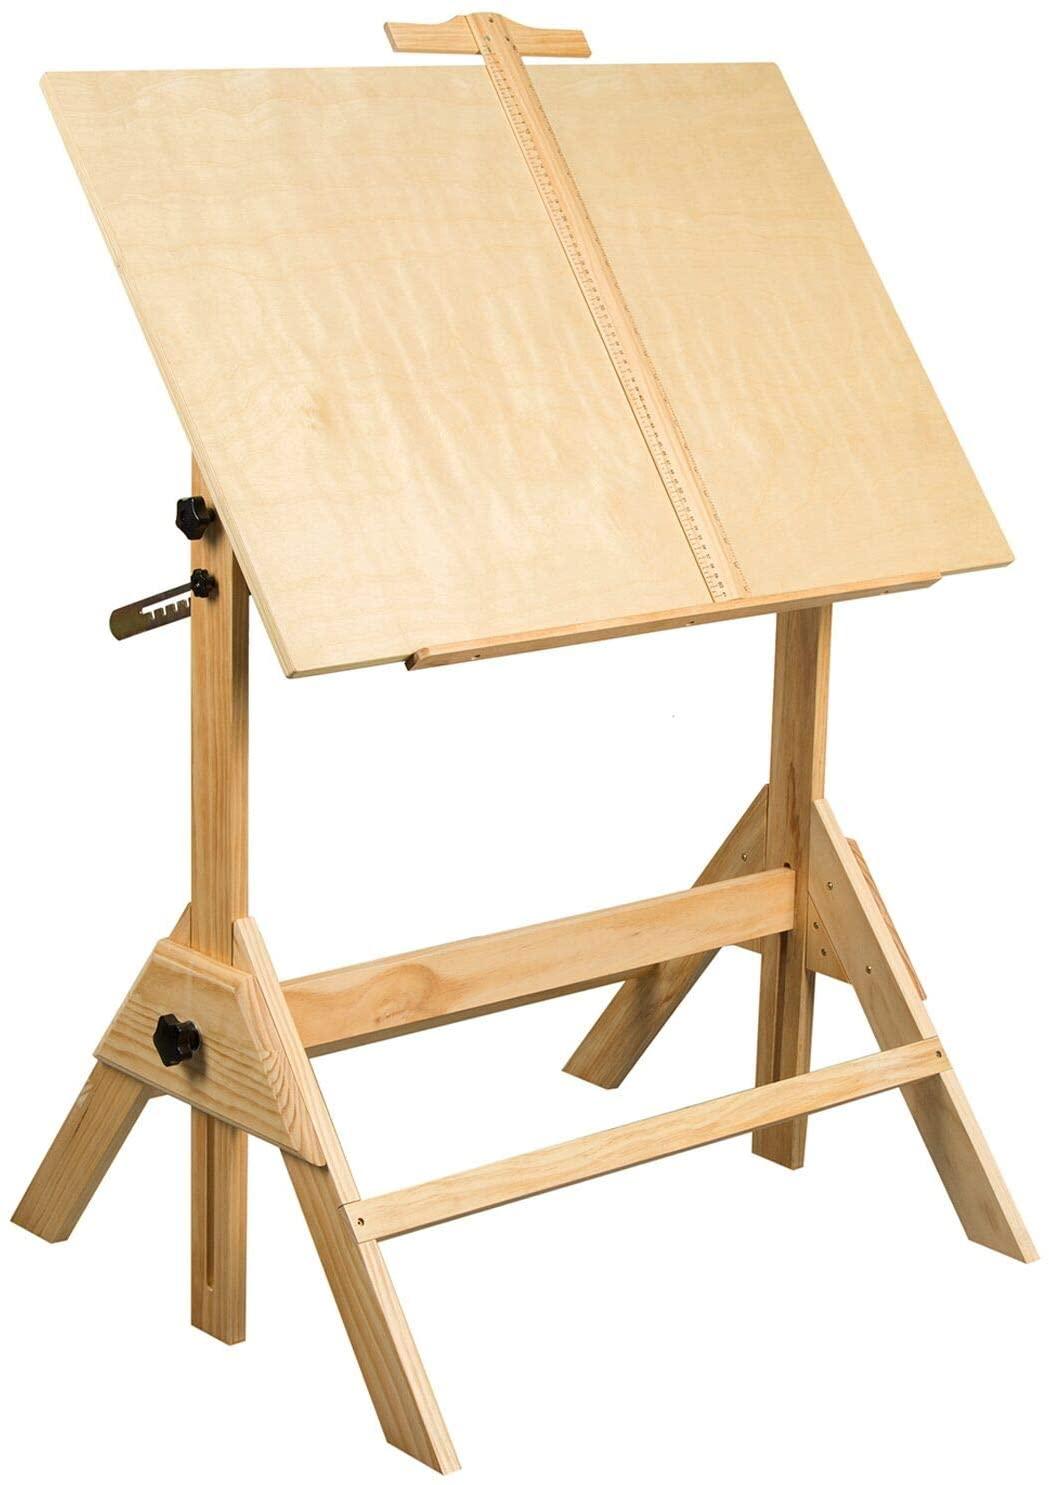 MEEDEN Art Desk for Artists